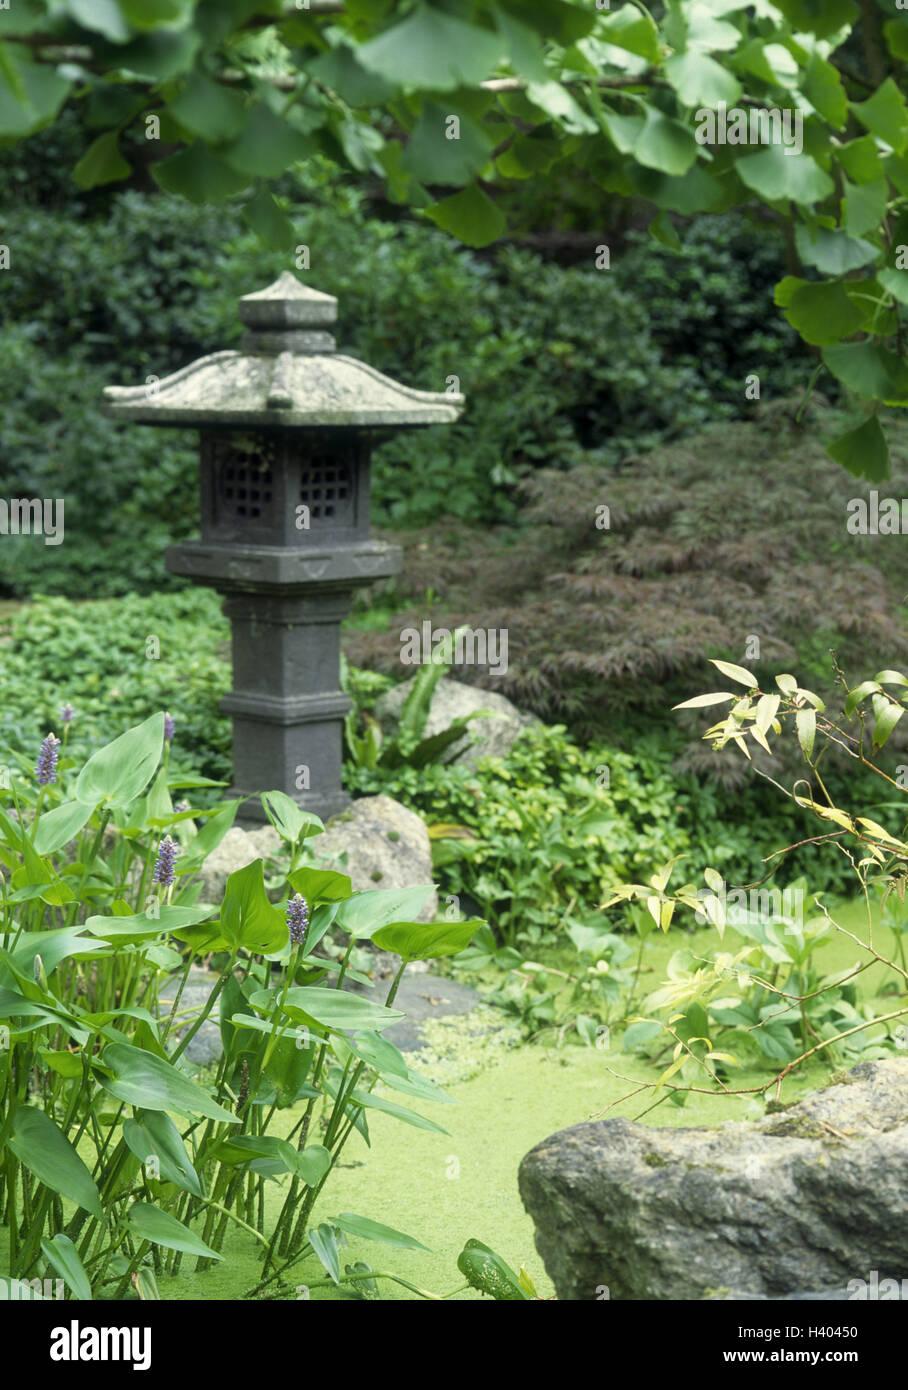 Jard n japon s estanque plantas jard n parque de arte for Decoracion jardin japones